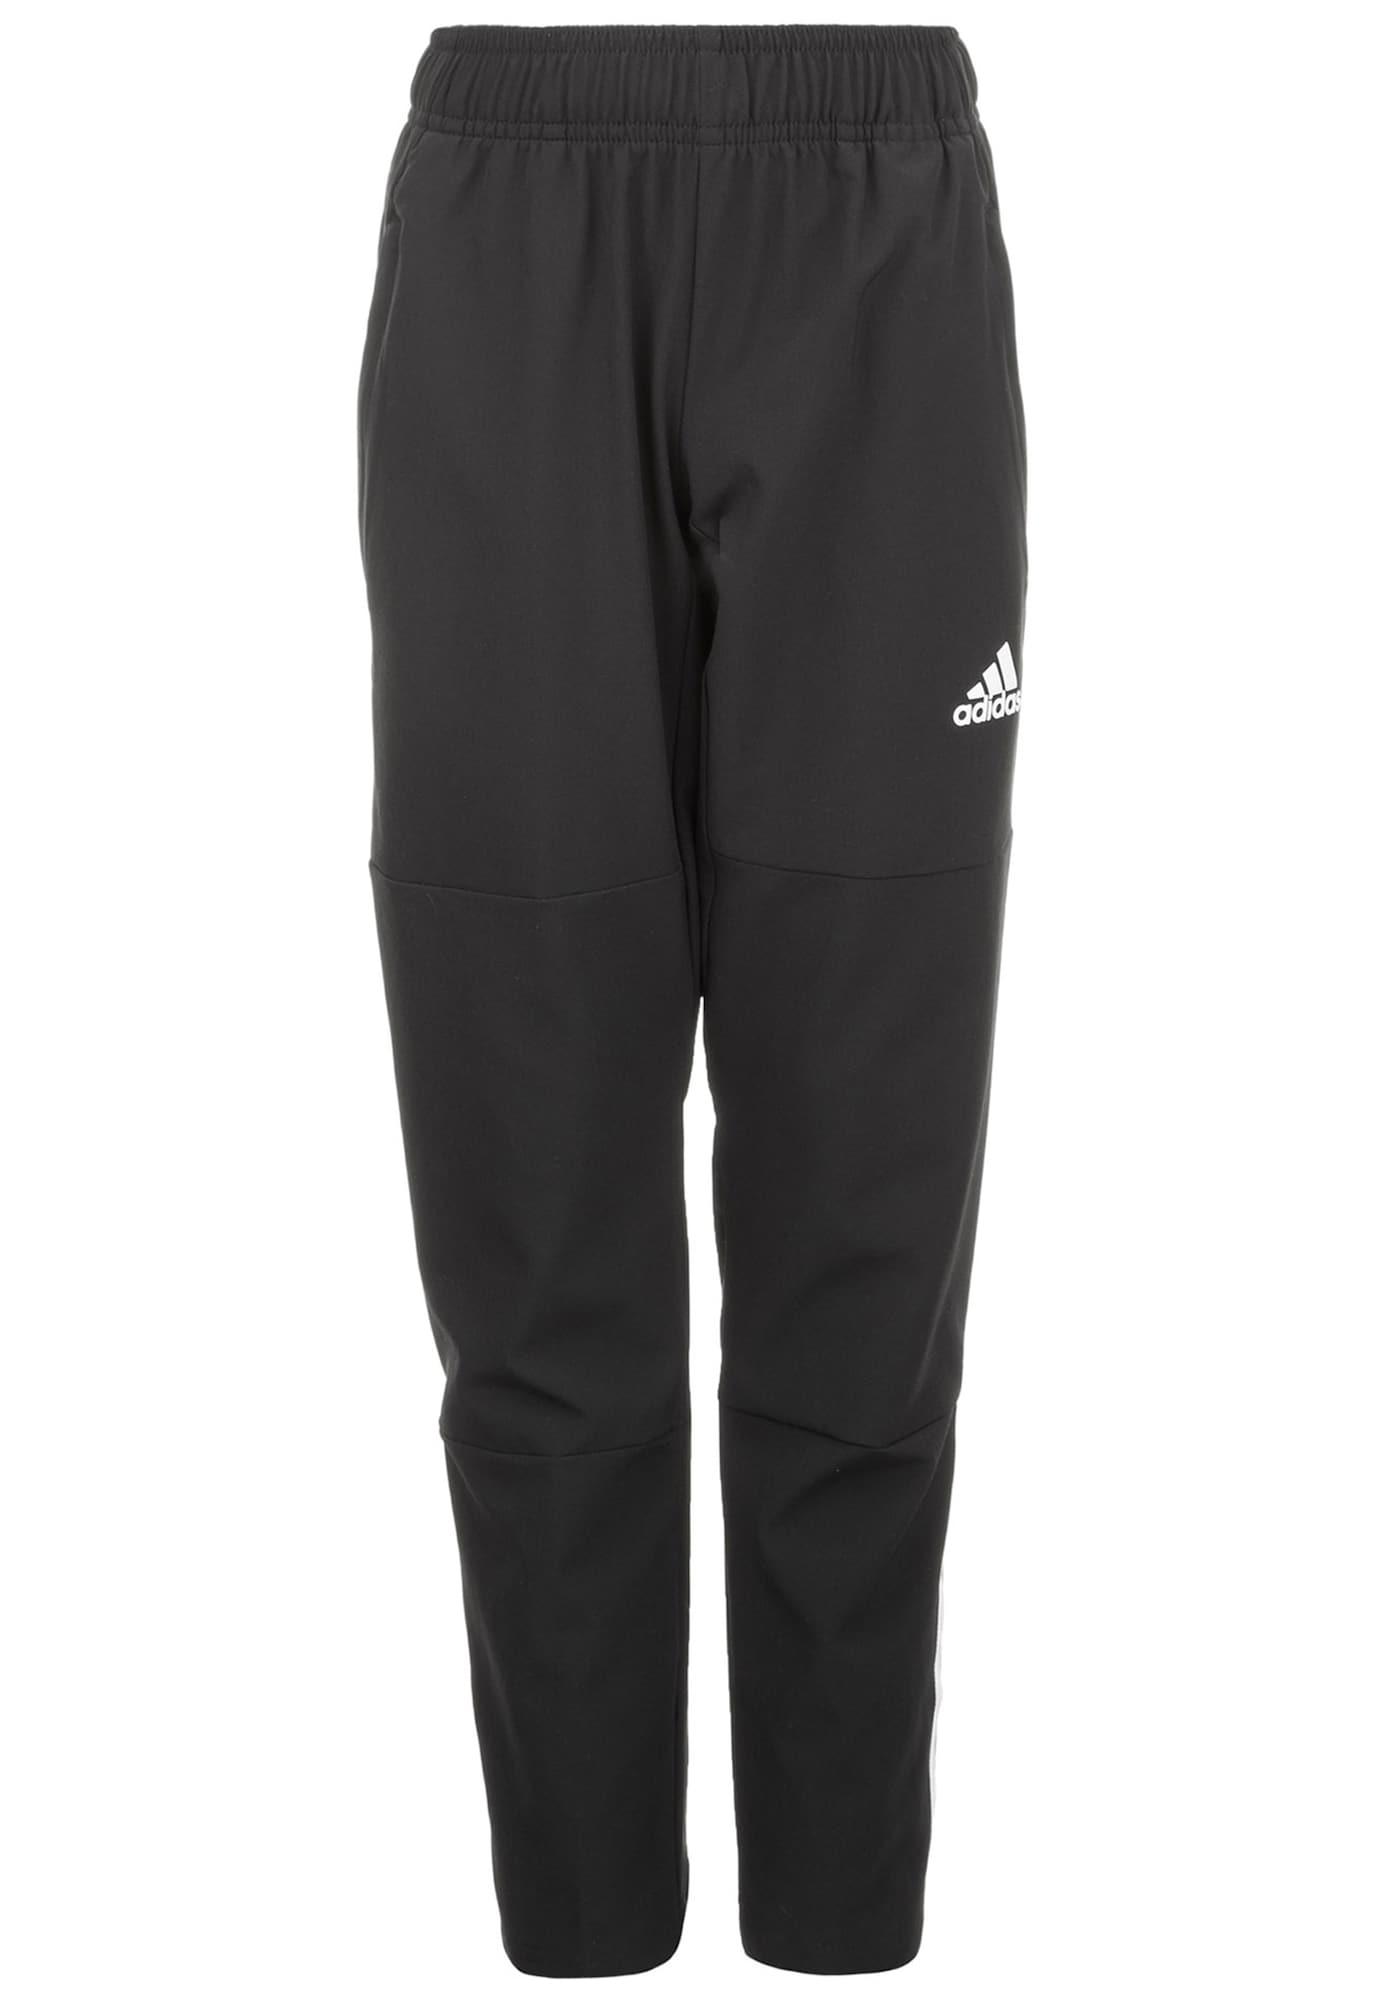 ADIDAS PERFORMANCE Sportinės kelnės 'Equipment' juoda / balta